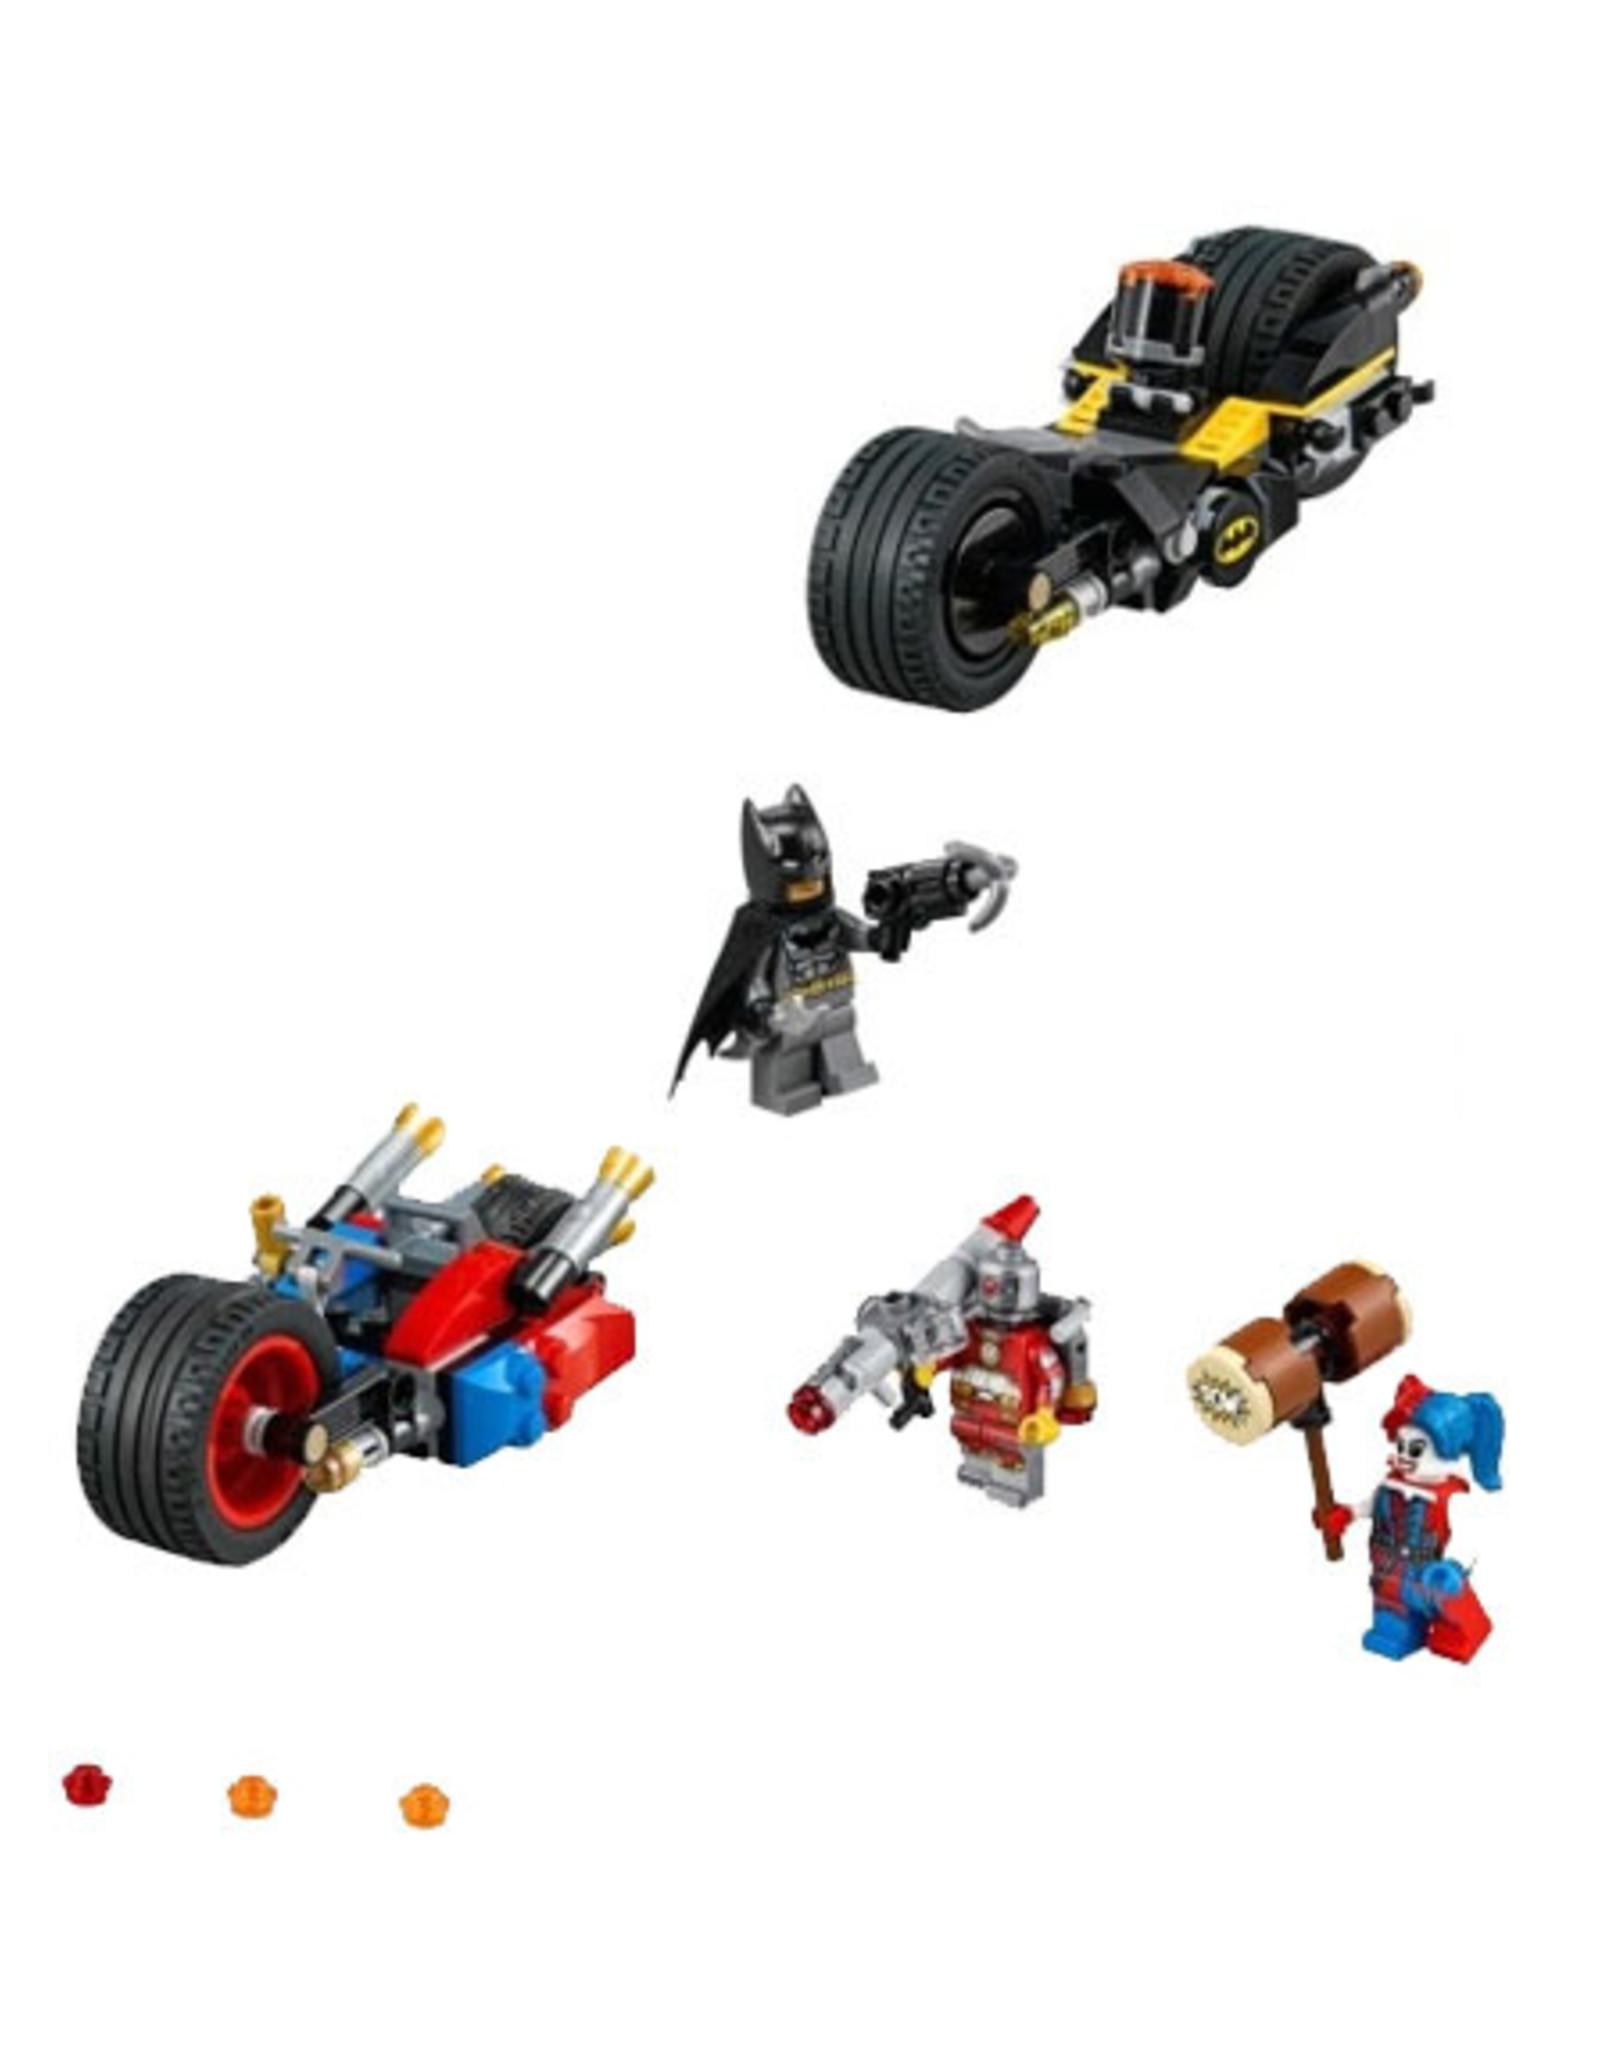 LEGO LEGO 76053 Gotham City Cycle Chase SUPER HEROES